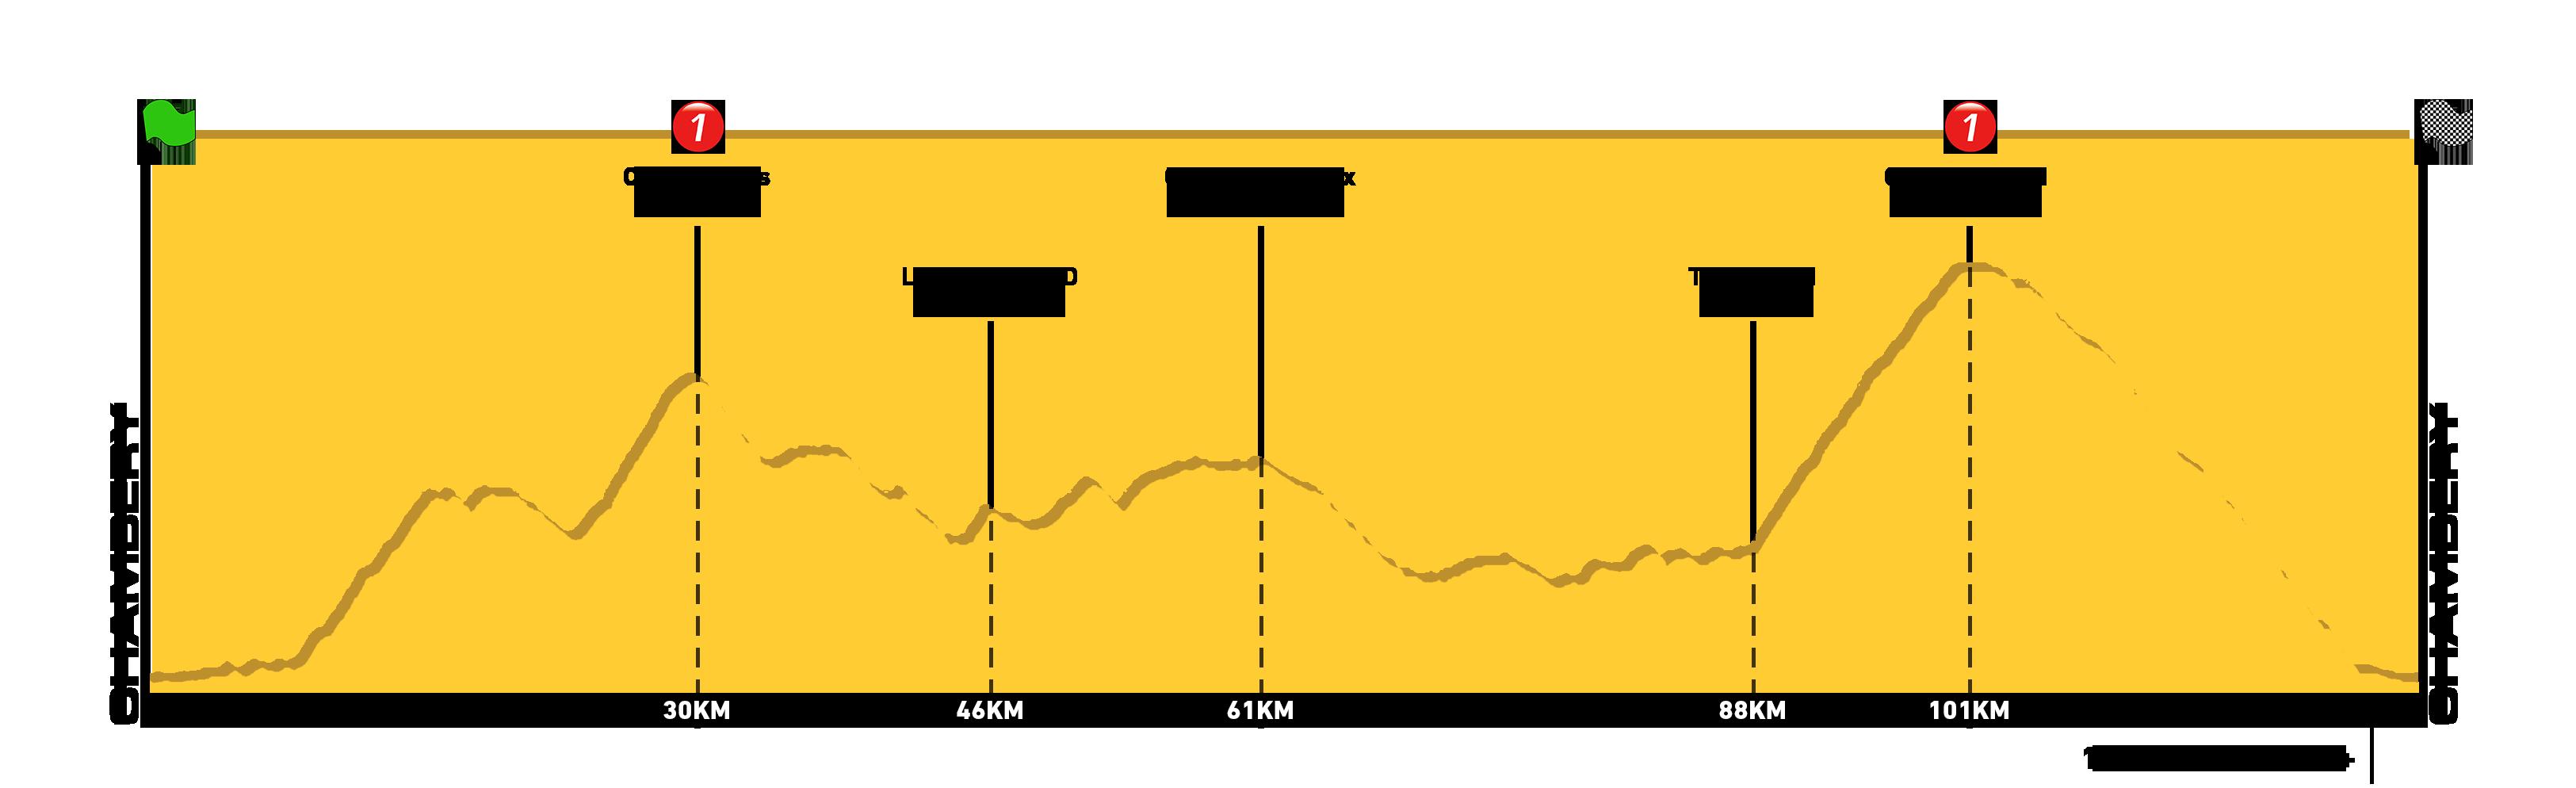 Profil - Chartreuse 125km